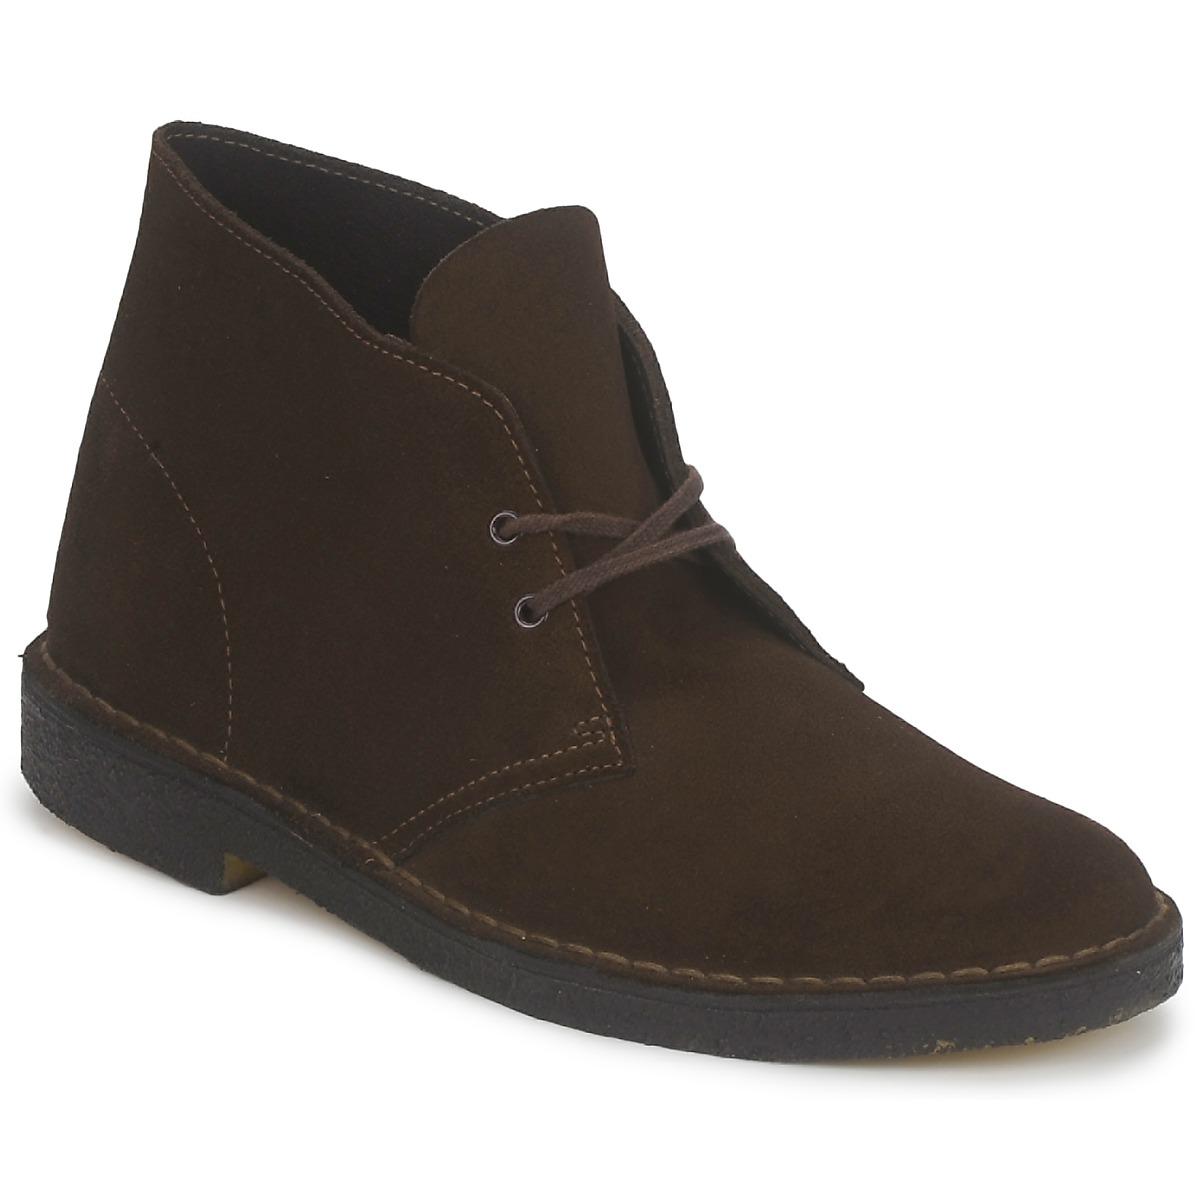 Clarks Desert Boot Dames Bruin